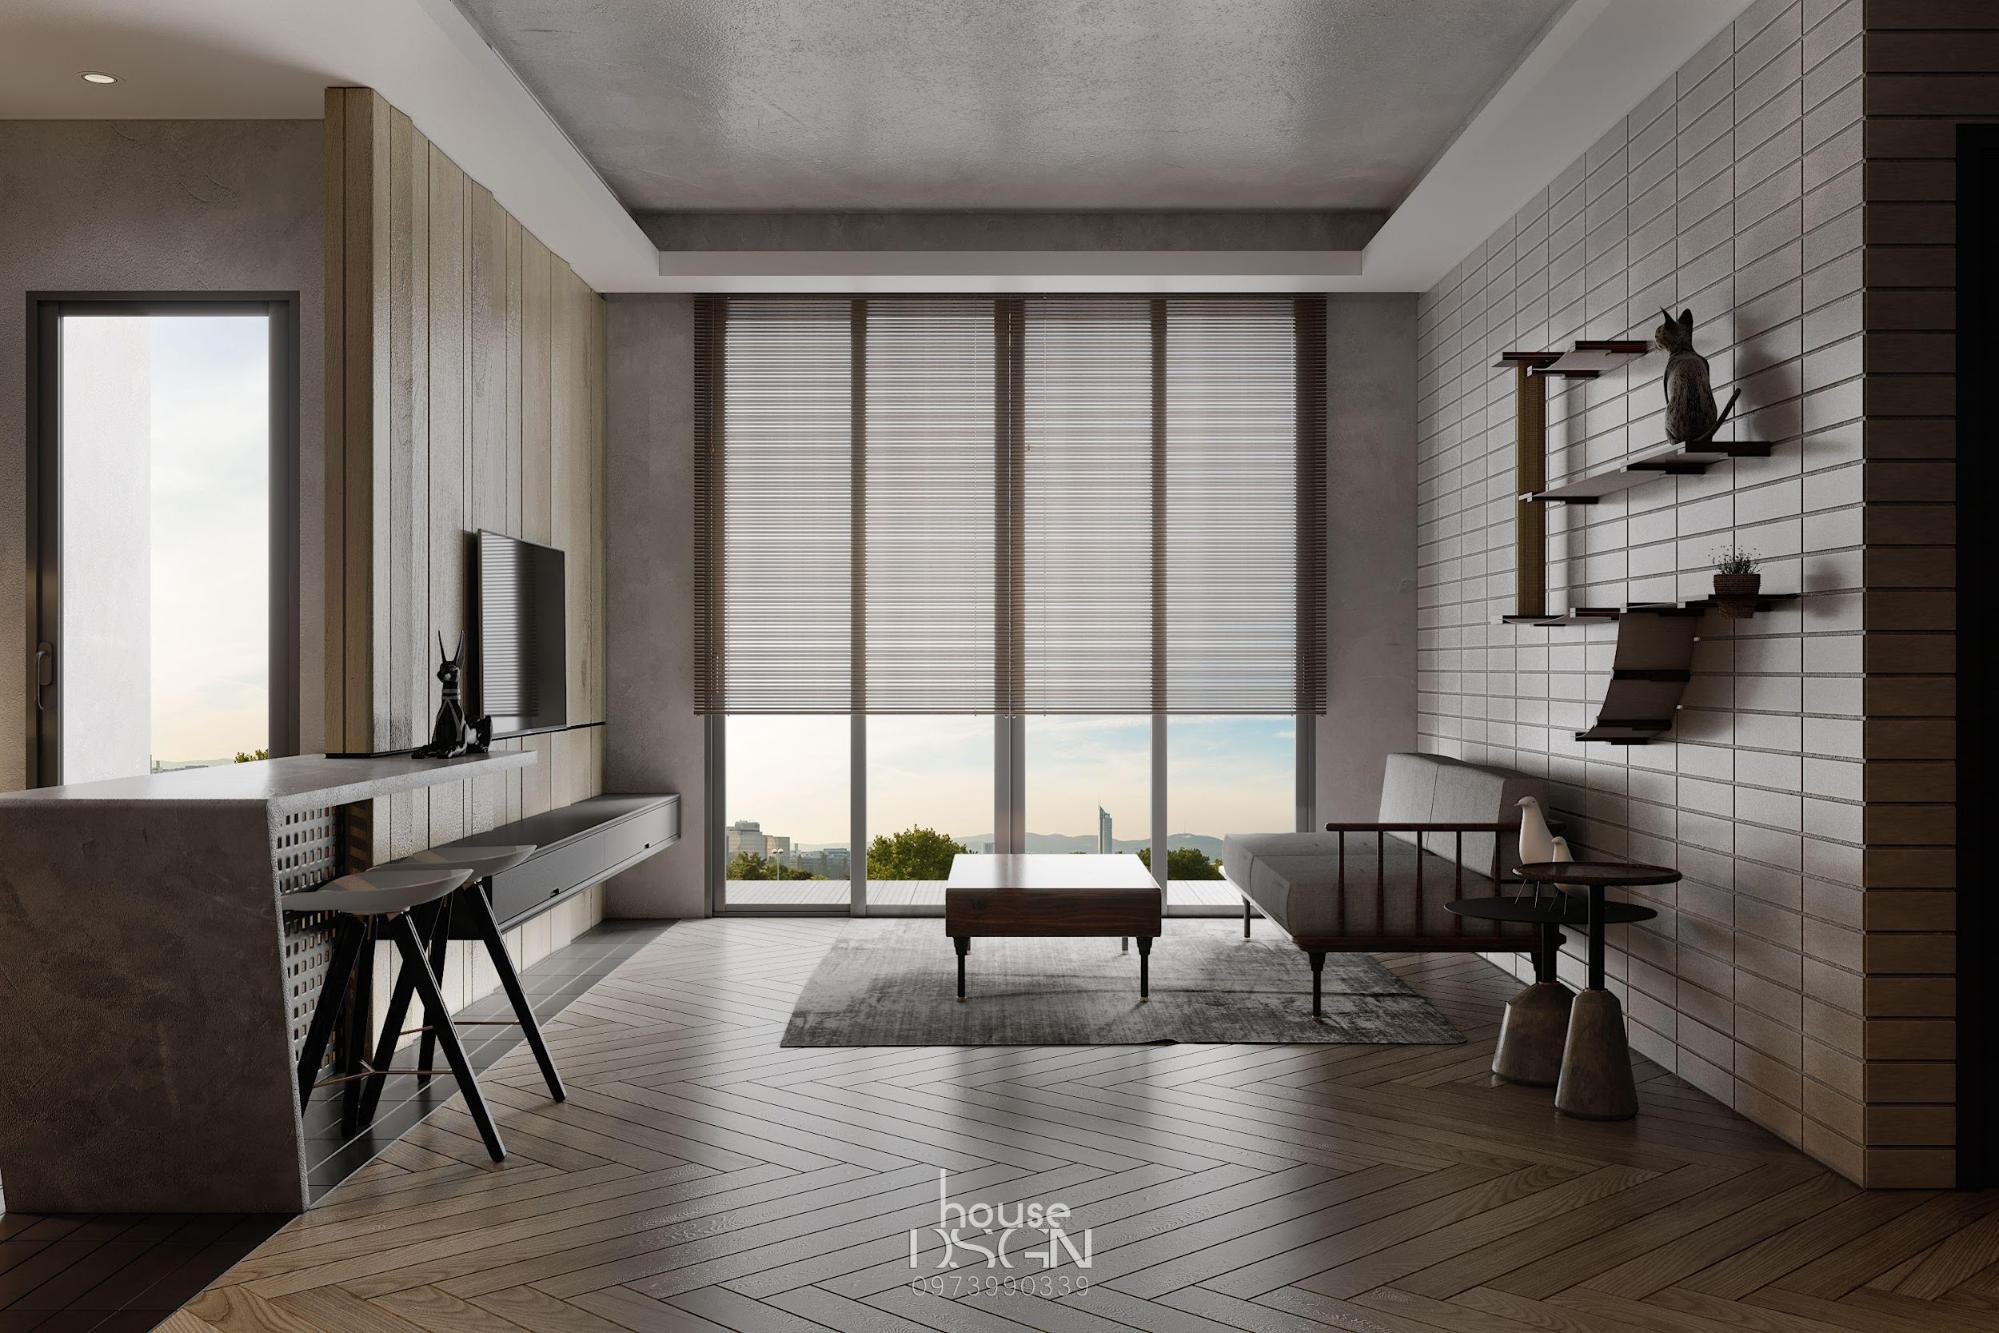 phòng khách có phong cách nội thất tối giản